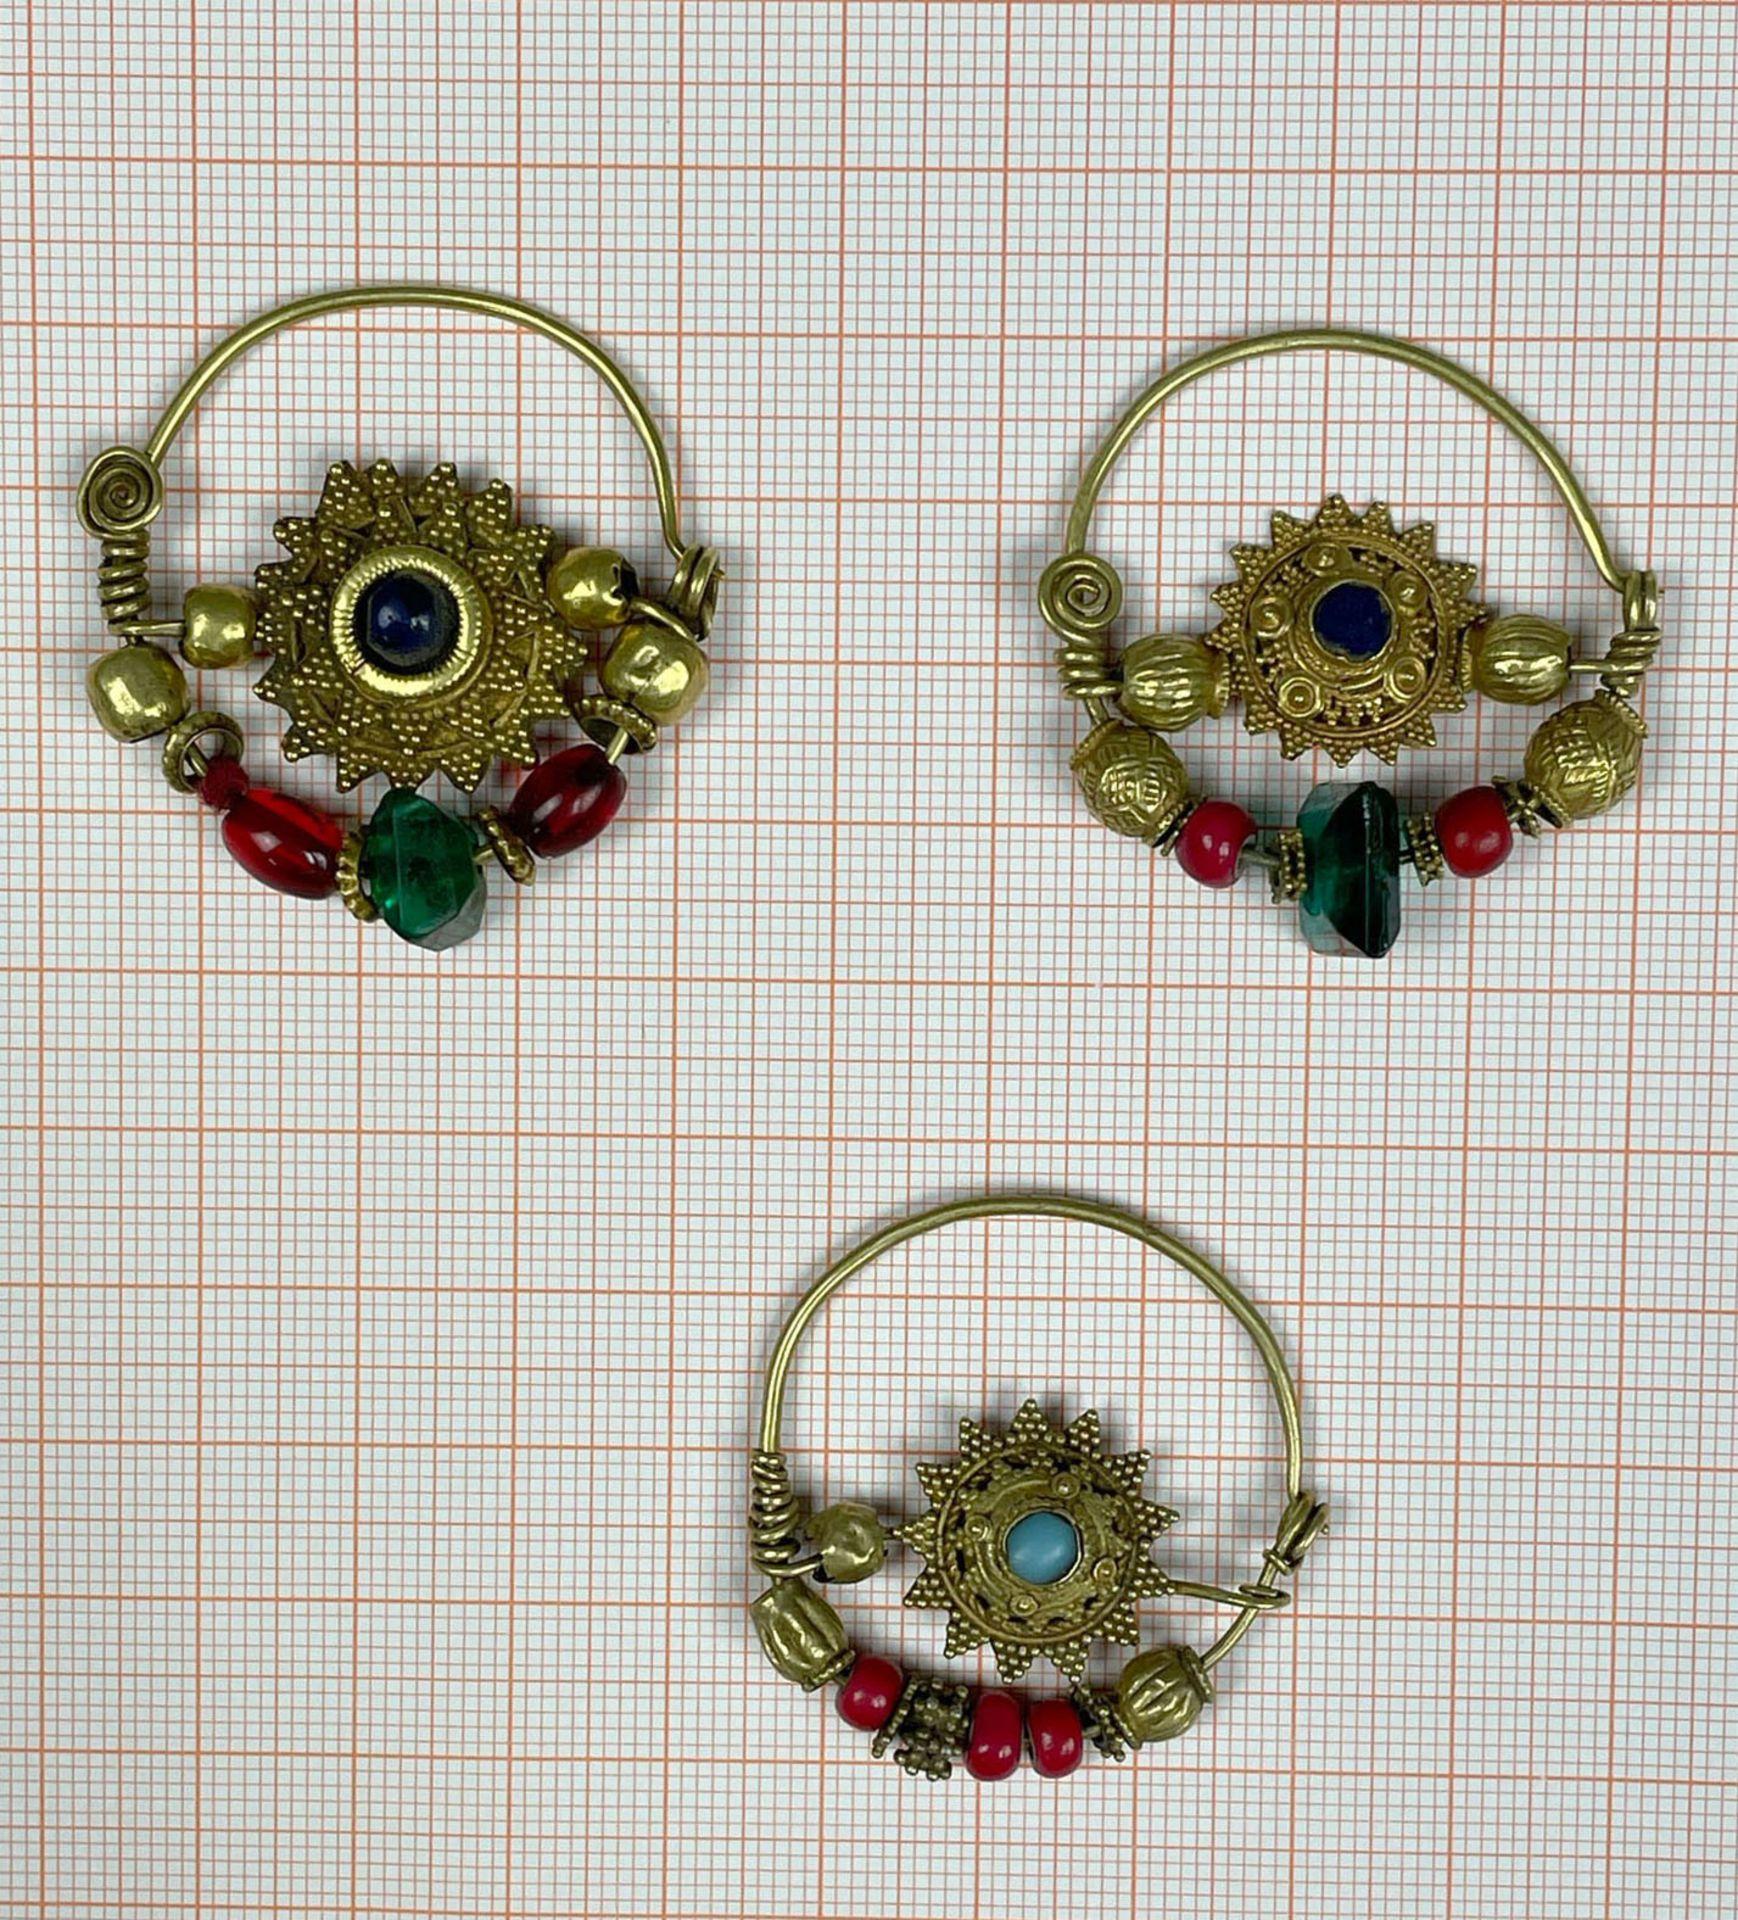 3 Anhänger, Ohrschmuck? Wohl Mogul Indien antik. Gold. - Image 9 of 10